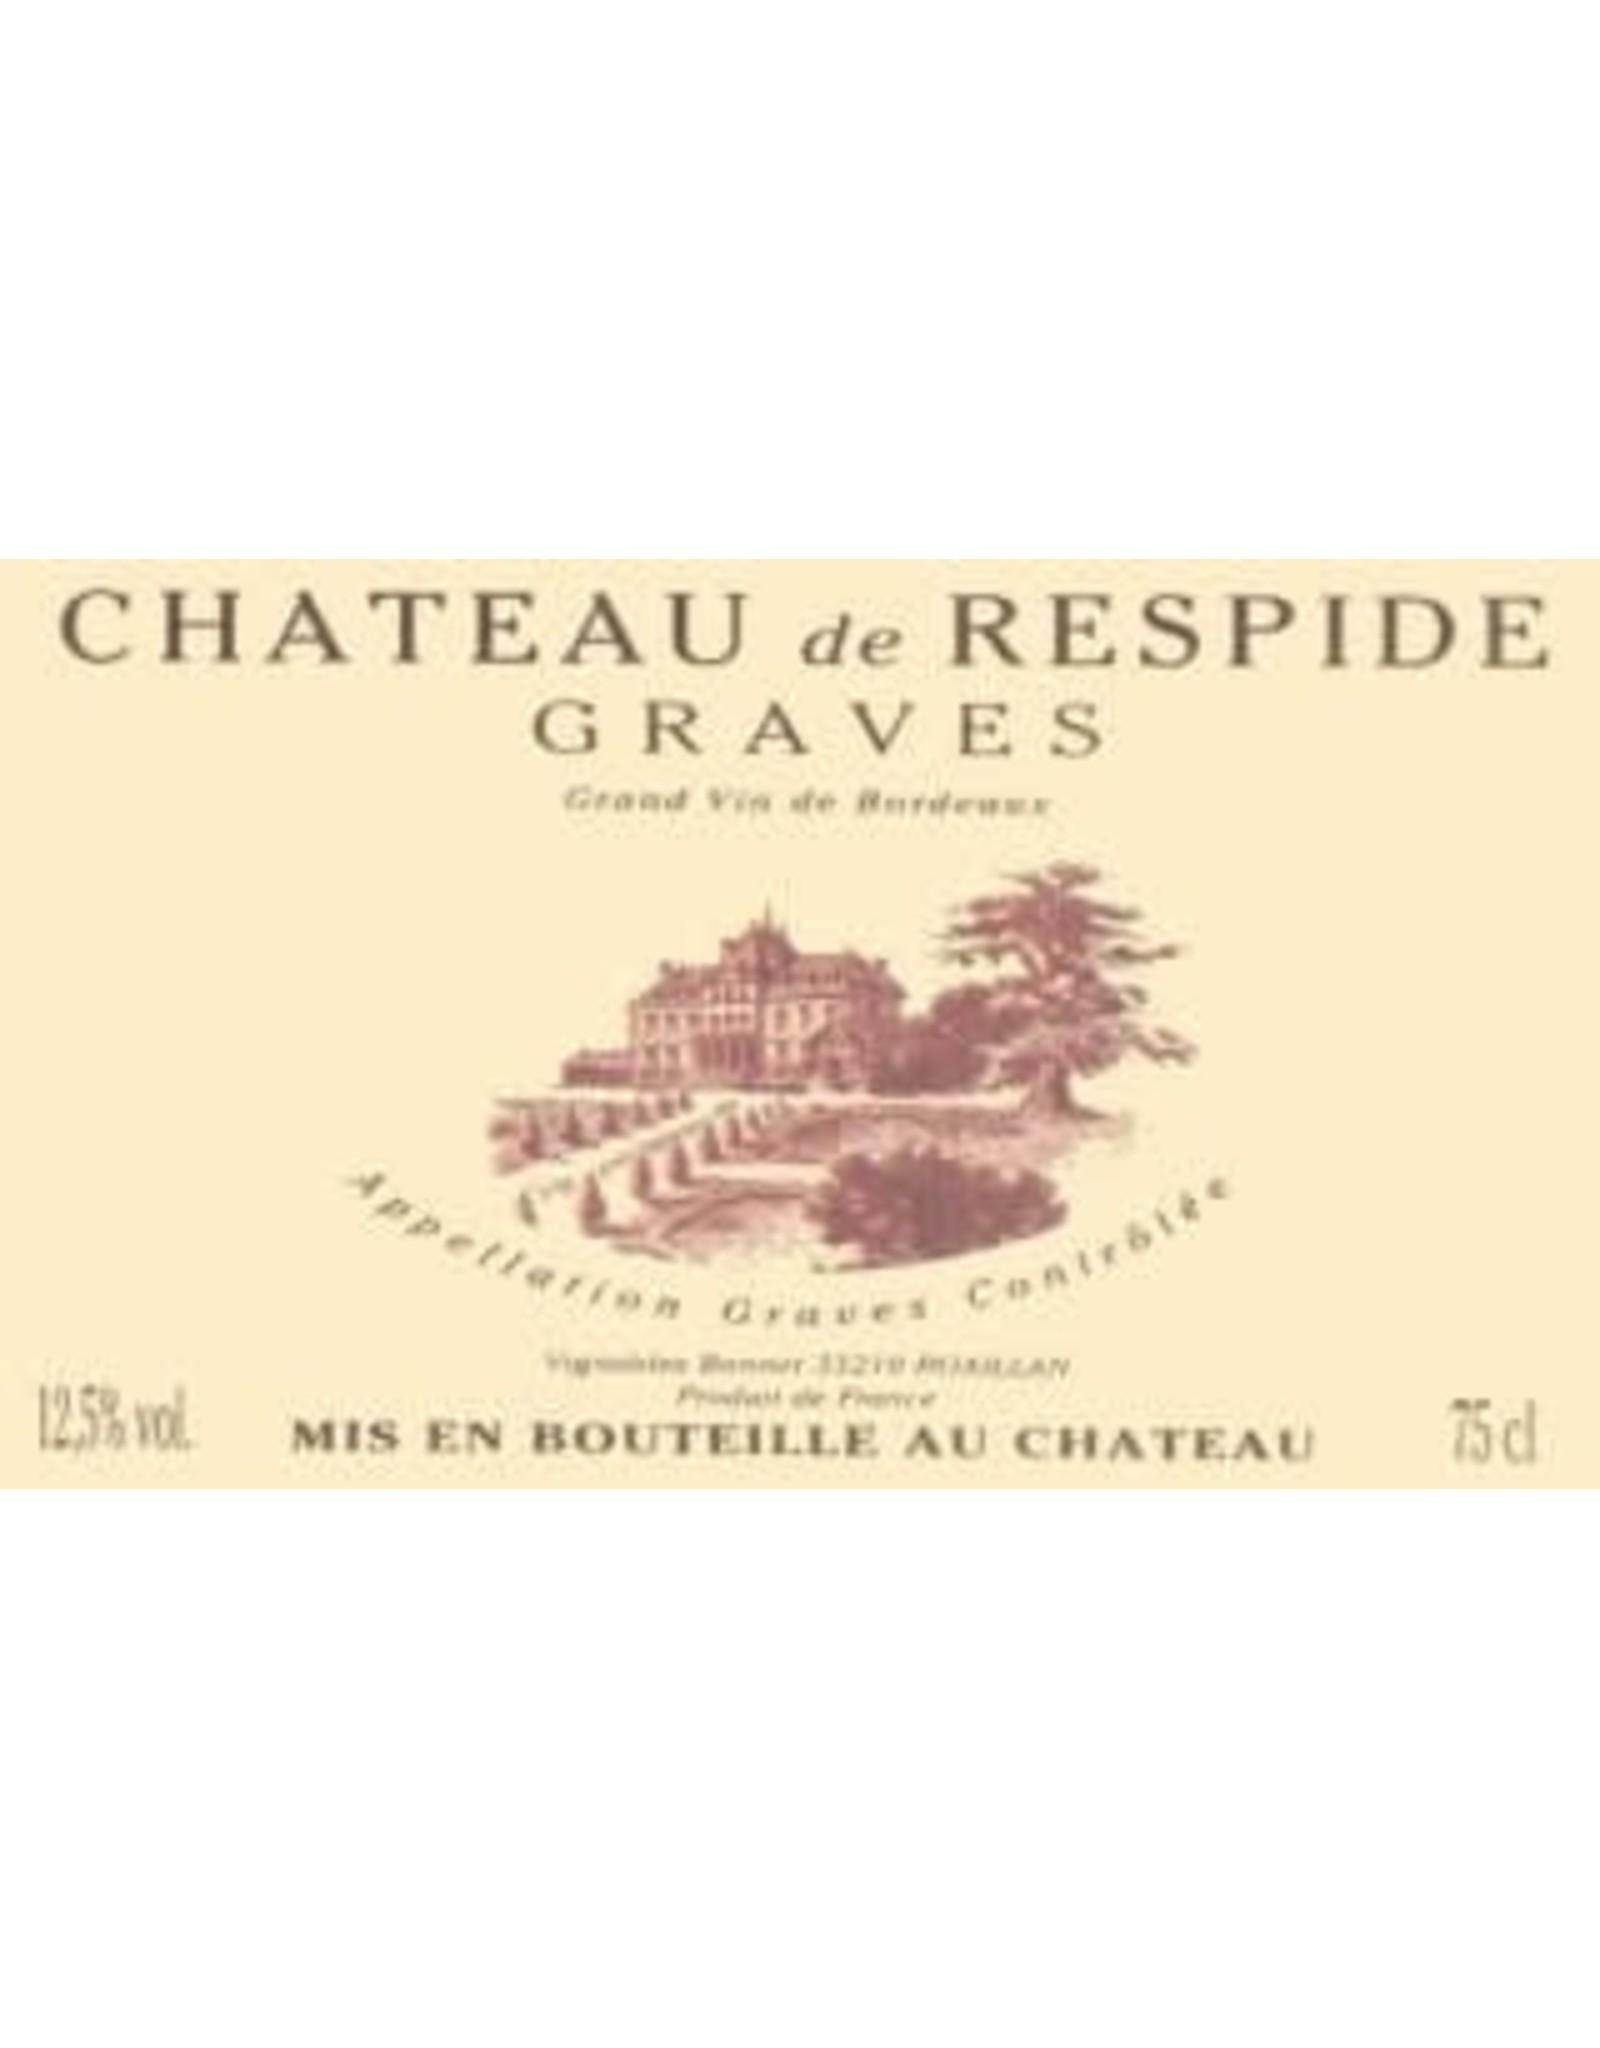 CHATEAU DE RESPIDE 2012-14